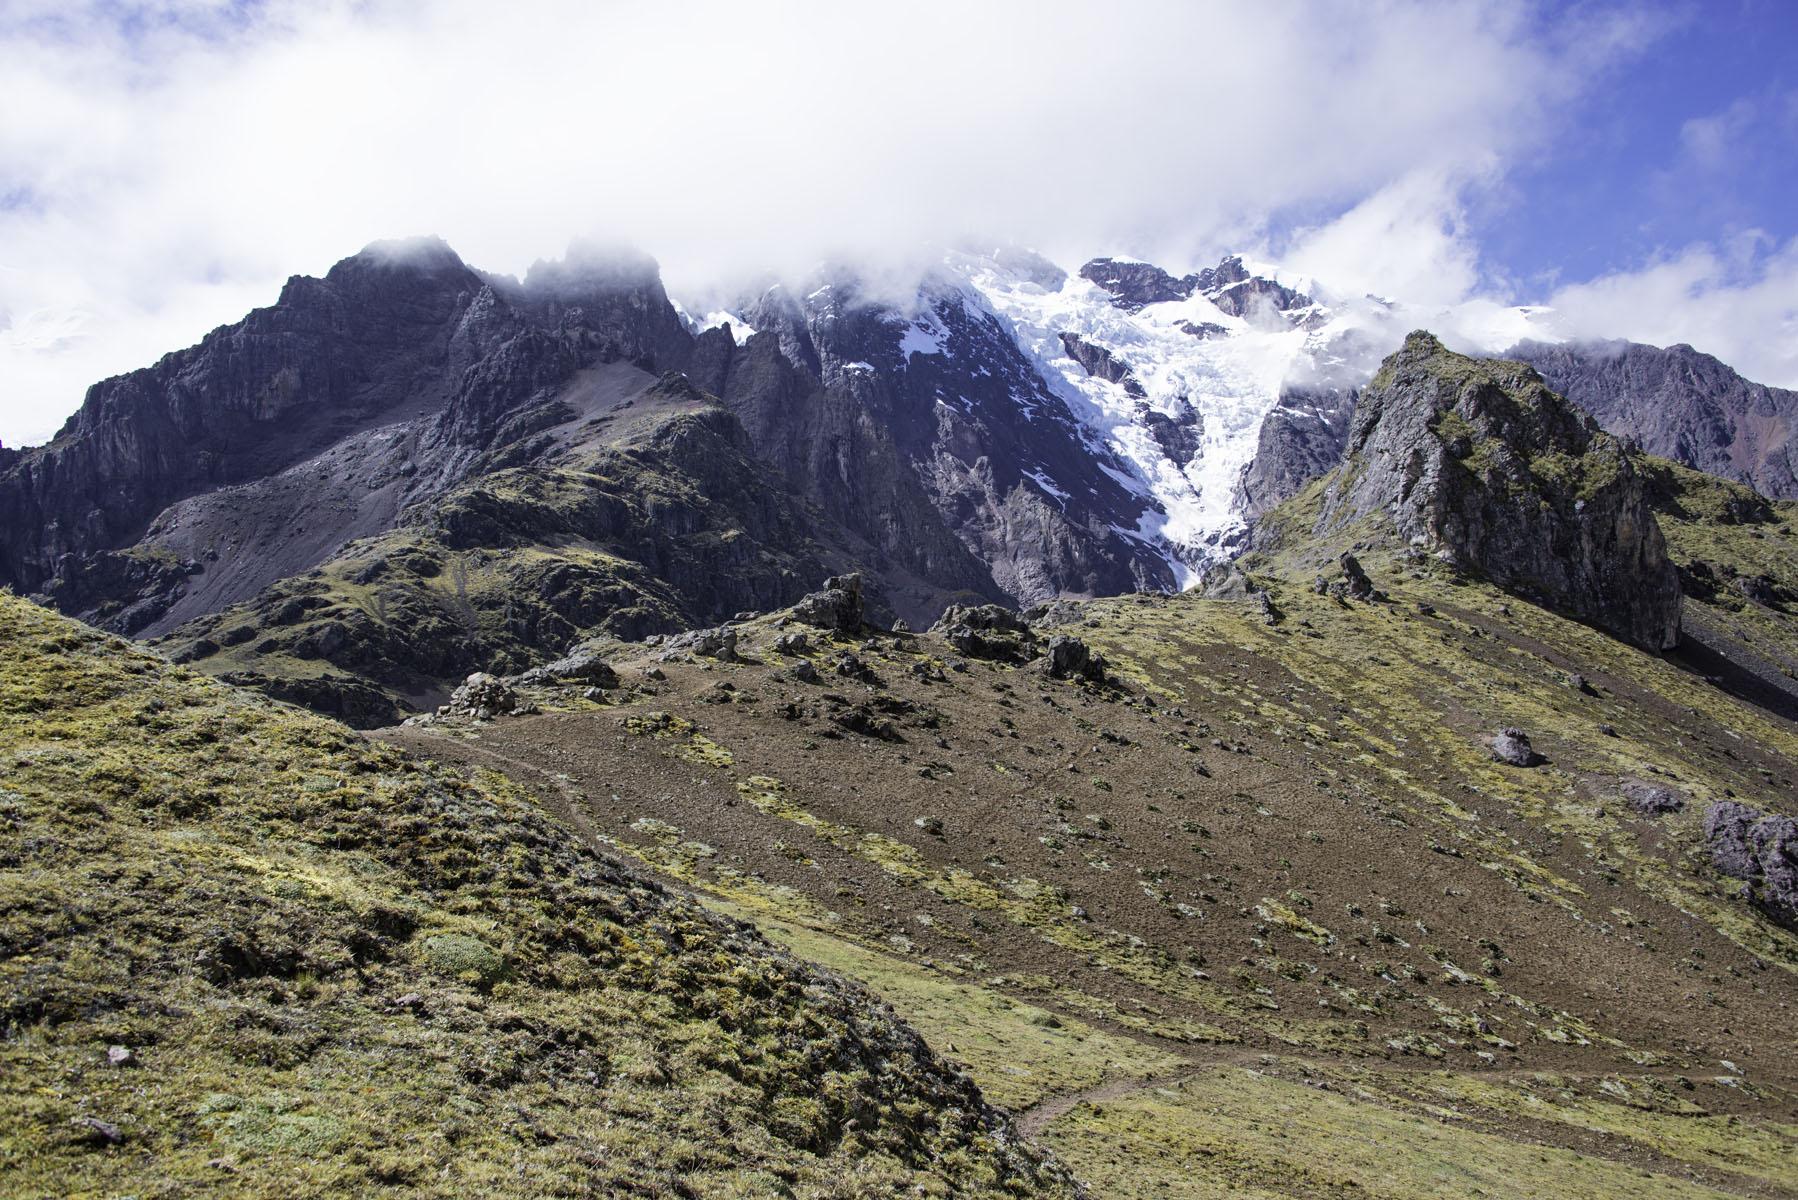 252-Peru-5-15_web.jpg